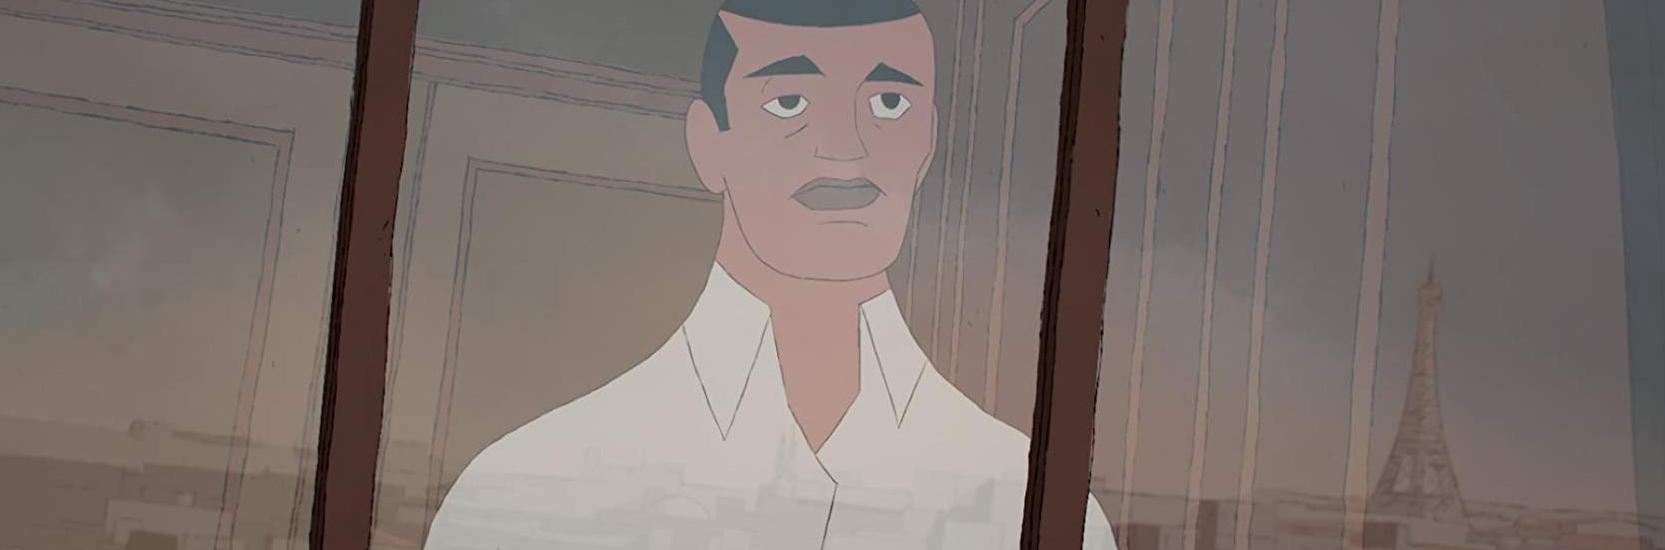 Critique – Buñuel après l'âge d'or